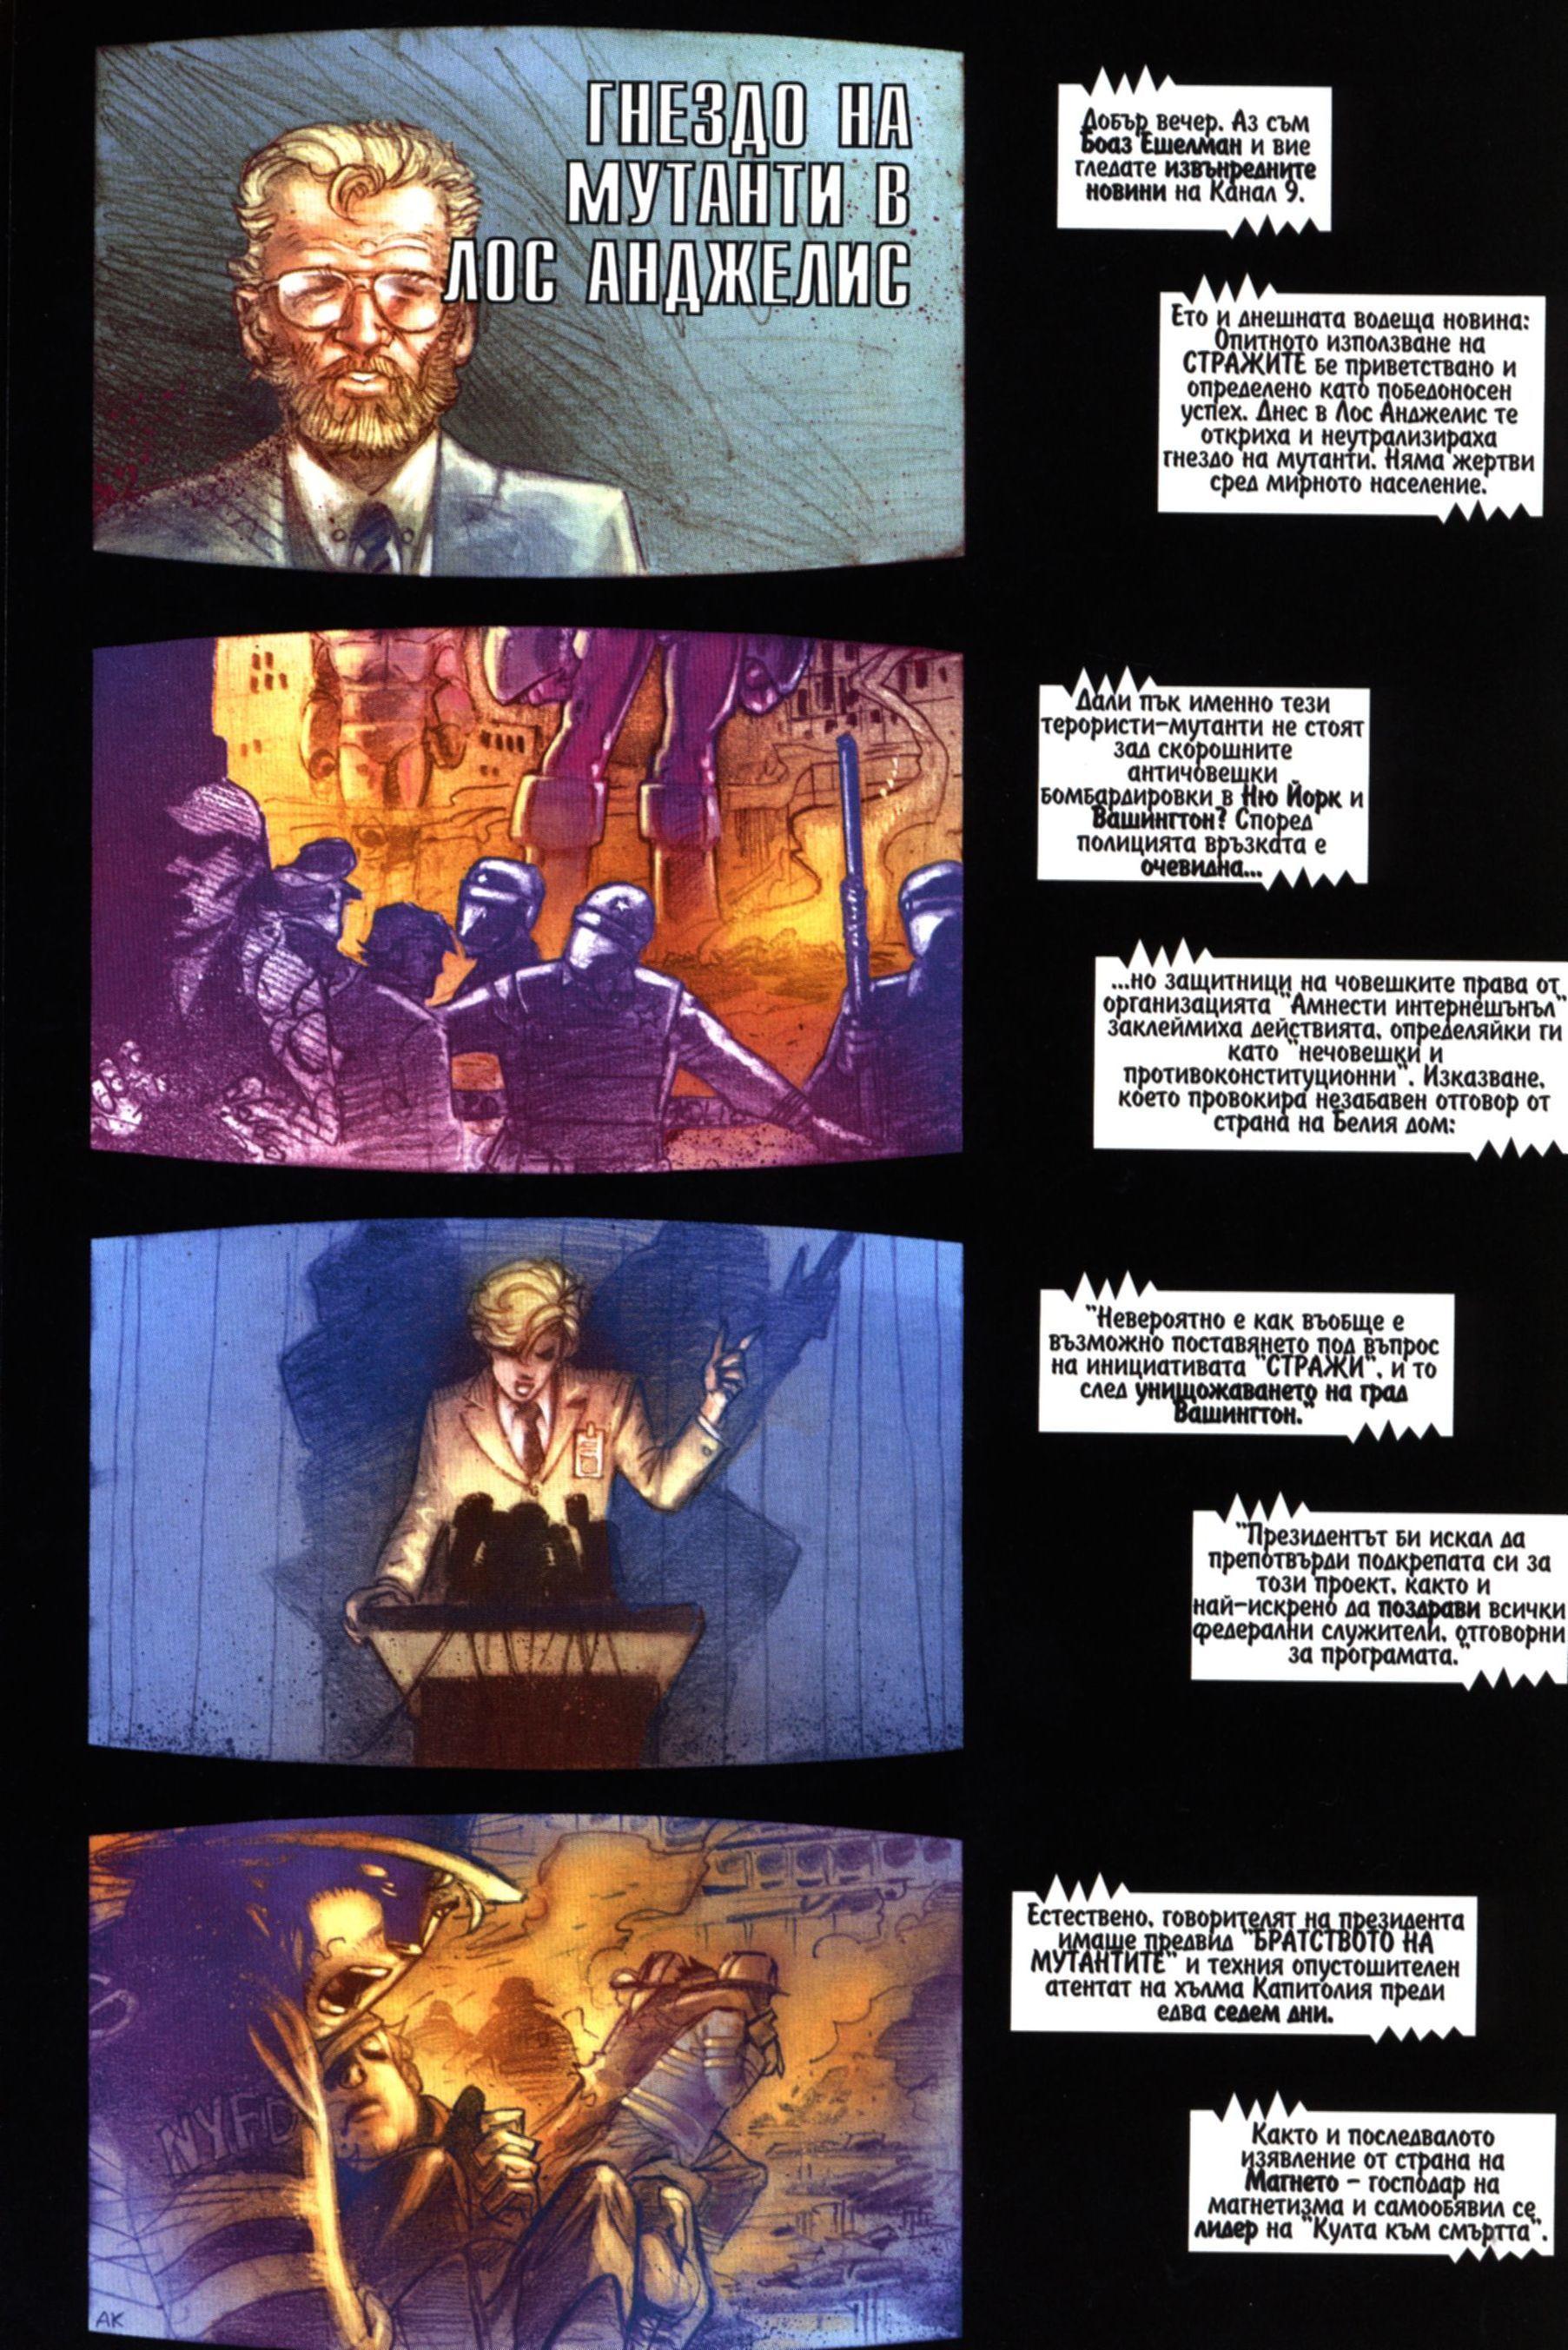 Най-новото от Х-Мен (Брой 1 / Октомври 2004): Утрешни хора - 7